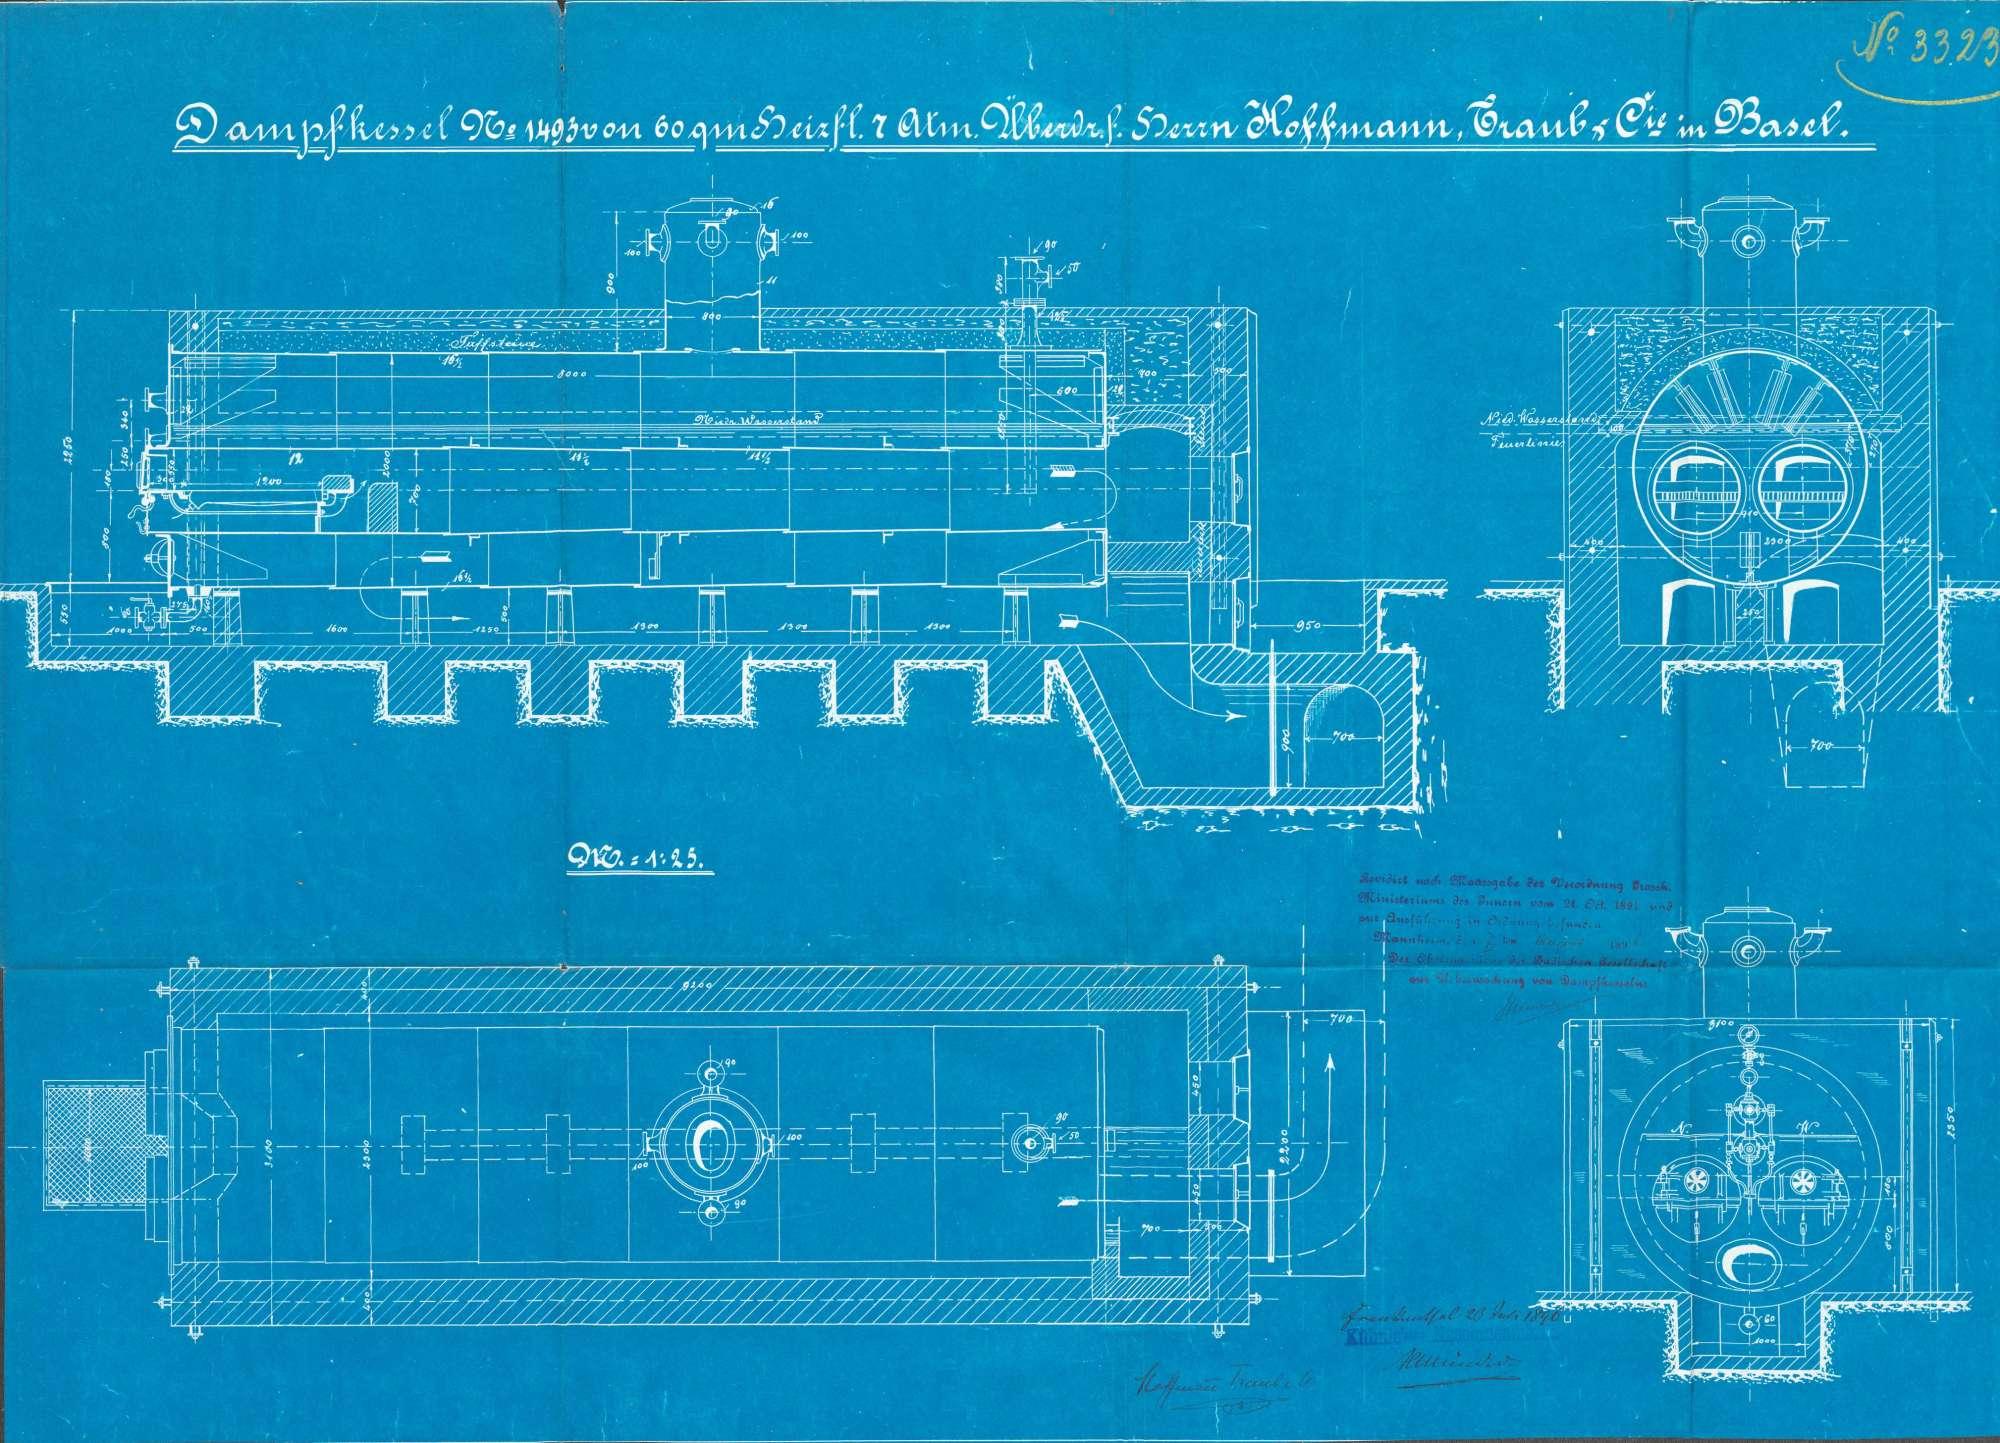 Gesuch der Fa. Hoffmann, Traub & Cie in Grenzach um Erlaubnis zur Anlegung eines Dampfkessels und Umbau des Kesselhauses, Bild 3